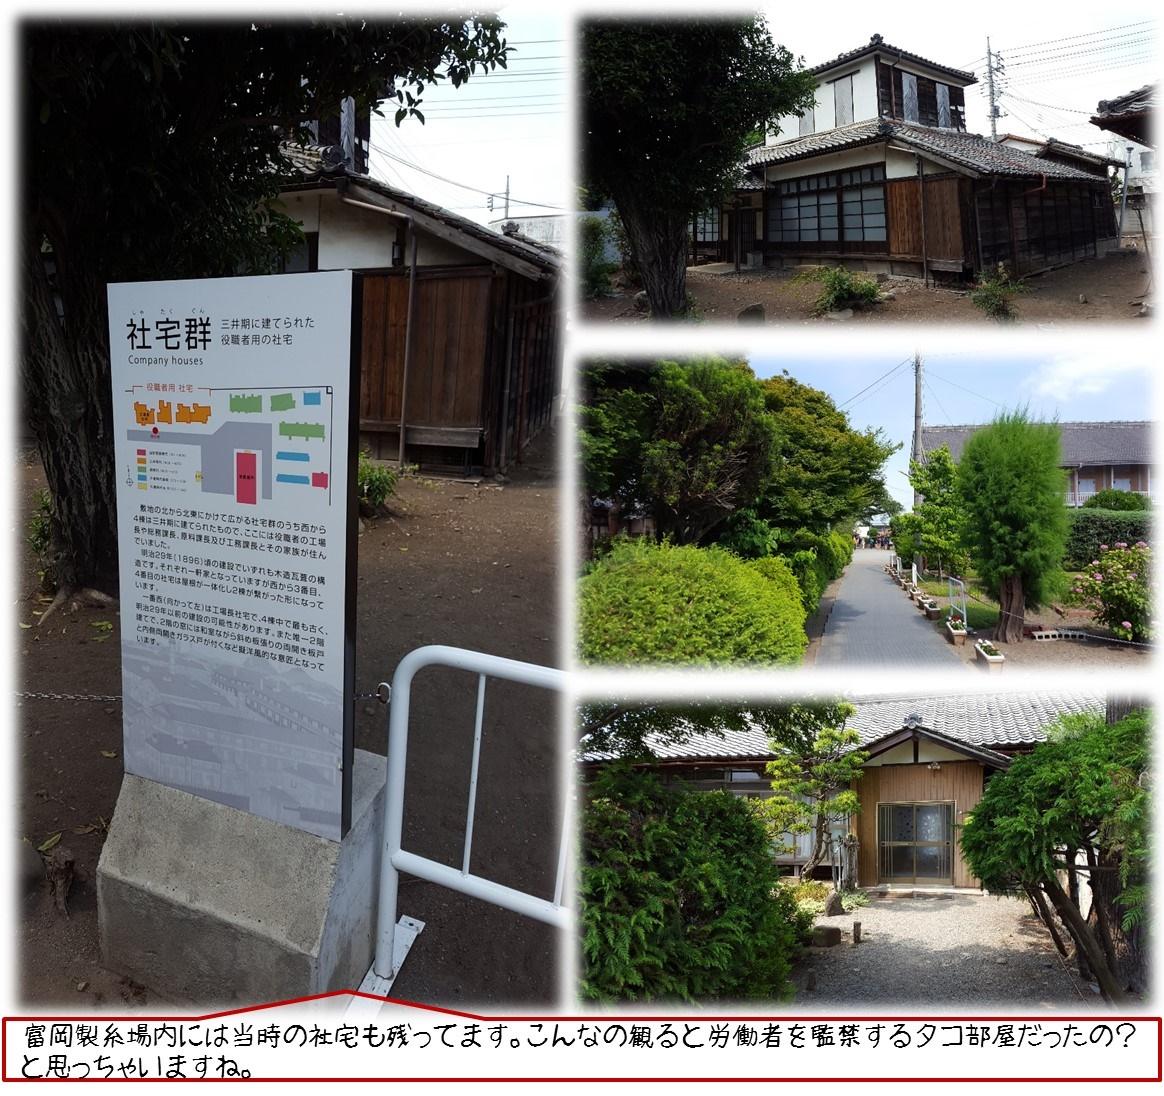 富岡製糸場内には当時の社宅も残ってます。  こんなの観ると労働者を監禁するタコ部屋だったの?と思っちゃいますね。